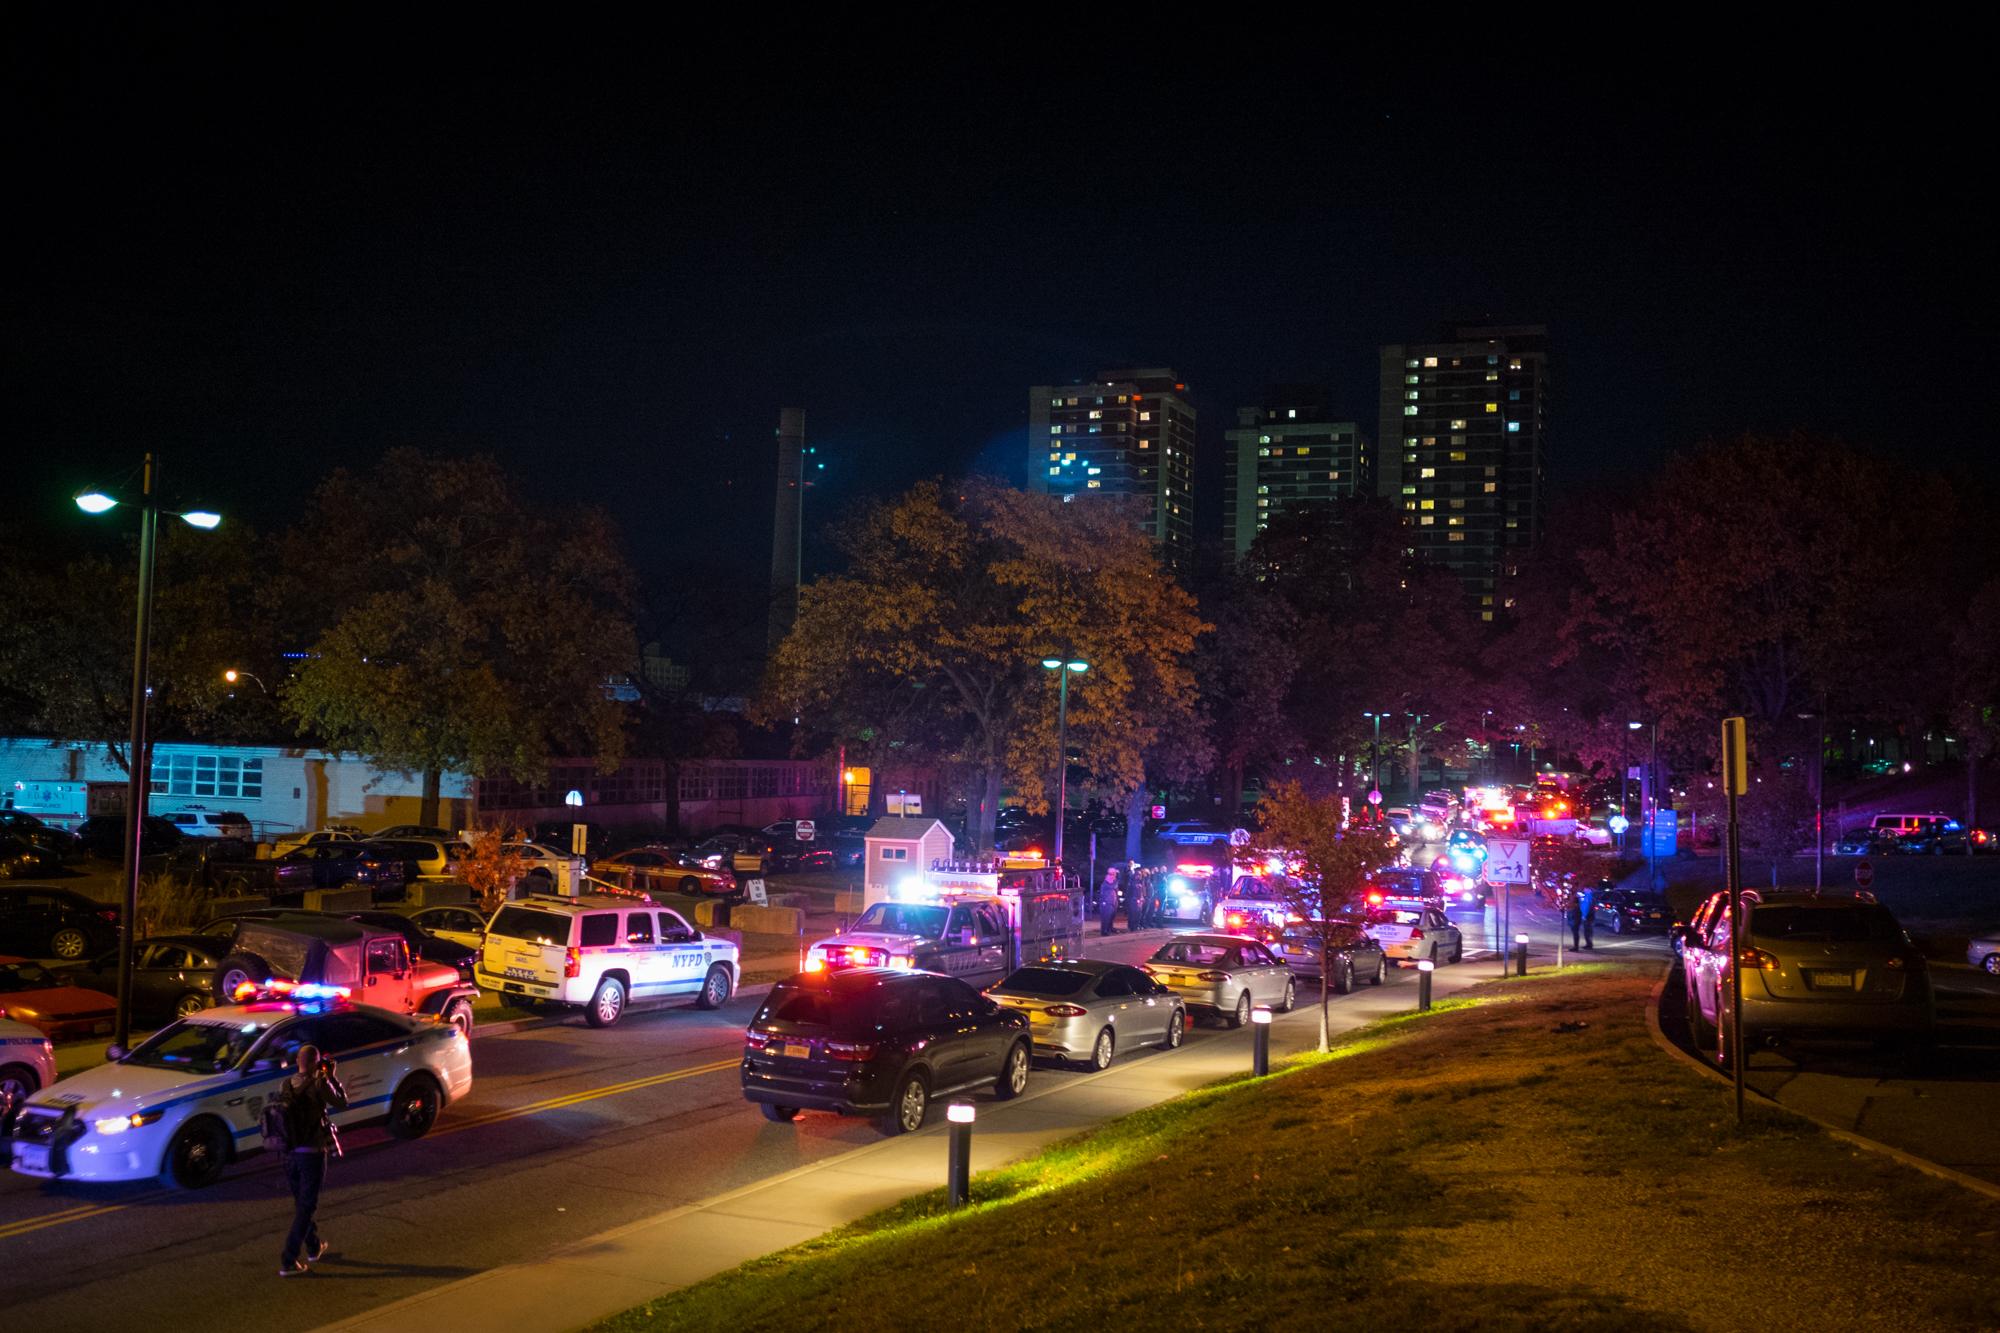 ■25日晚間至26日凌晨,紐約市各區供發生4起槍案,致1人死亡多人受傷。 市長辦公室